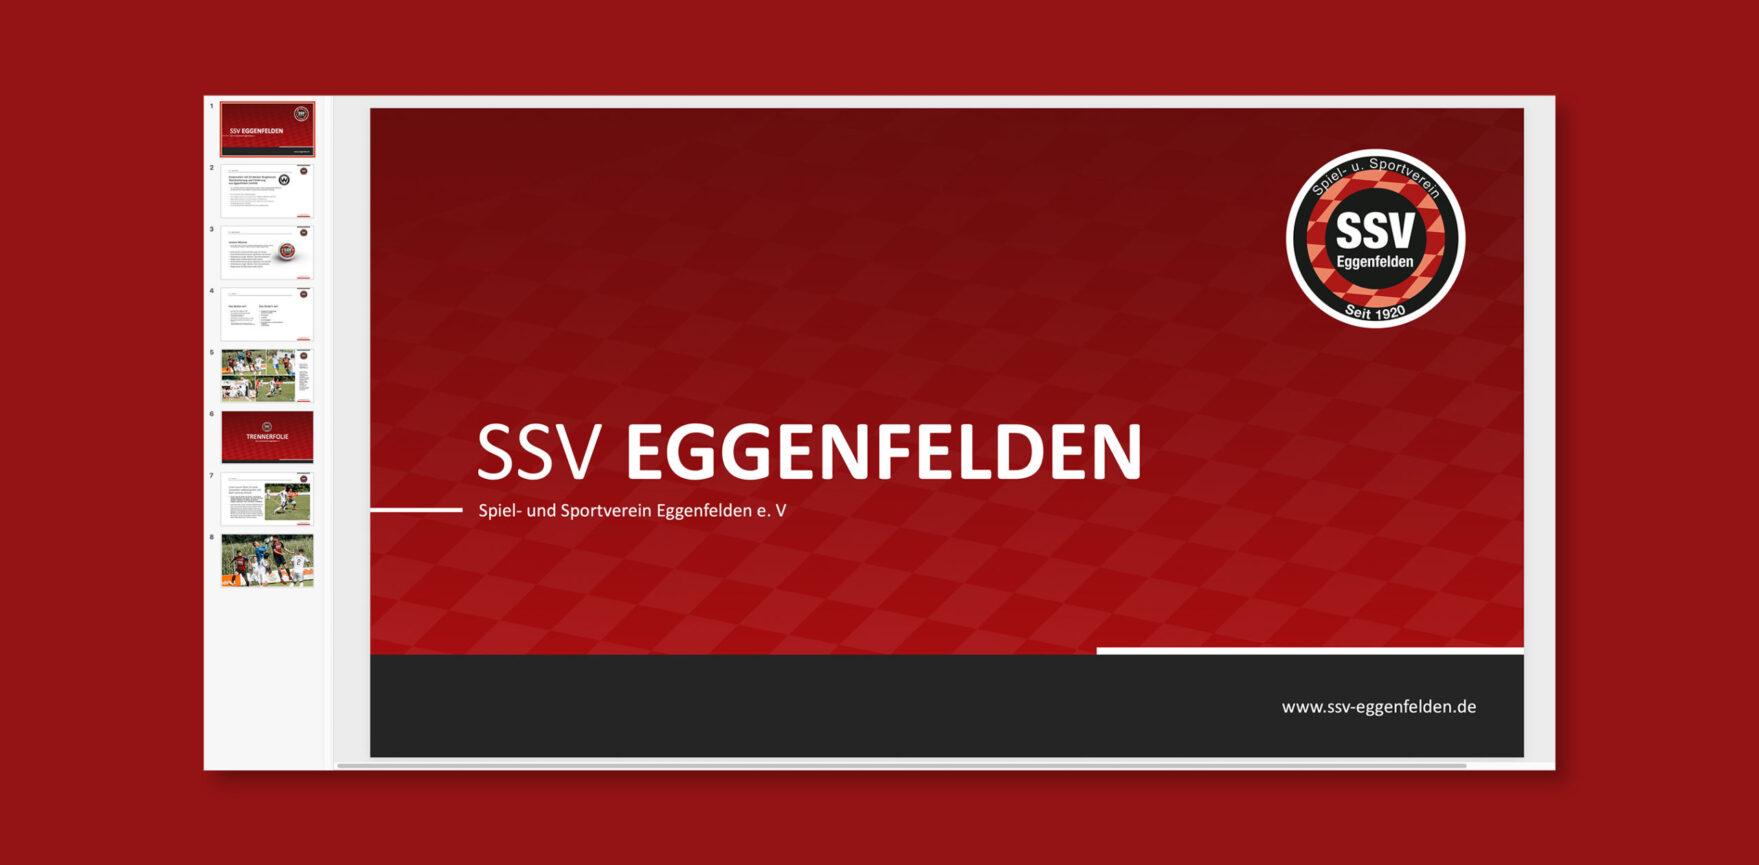 SSV Eggenfelden Microsoft PowerPoint-Masterfolien-Titelfolie-roter Hintergrund